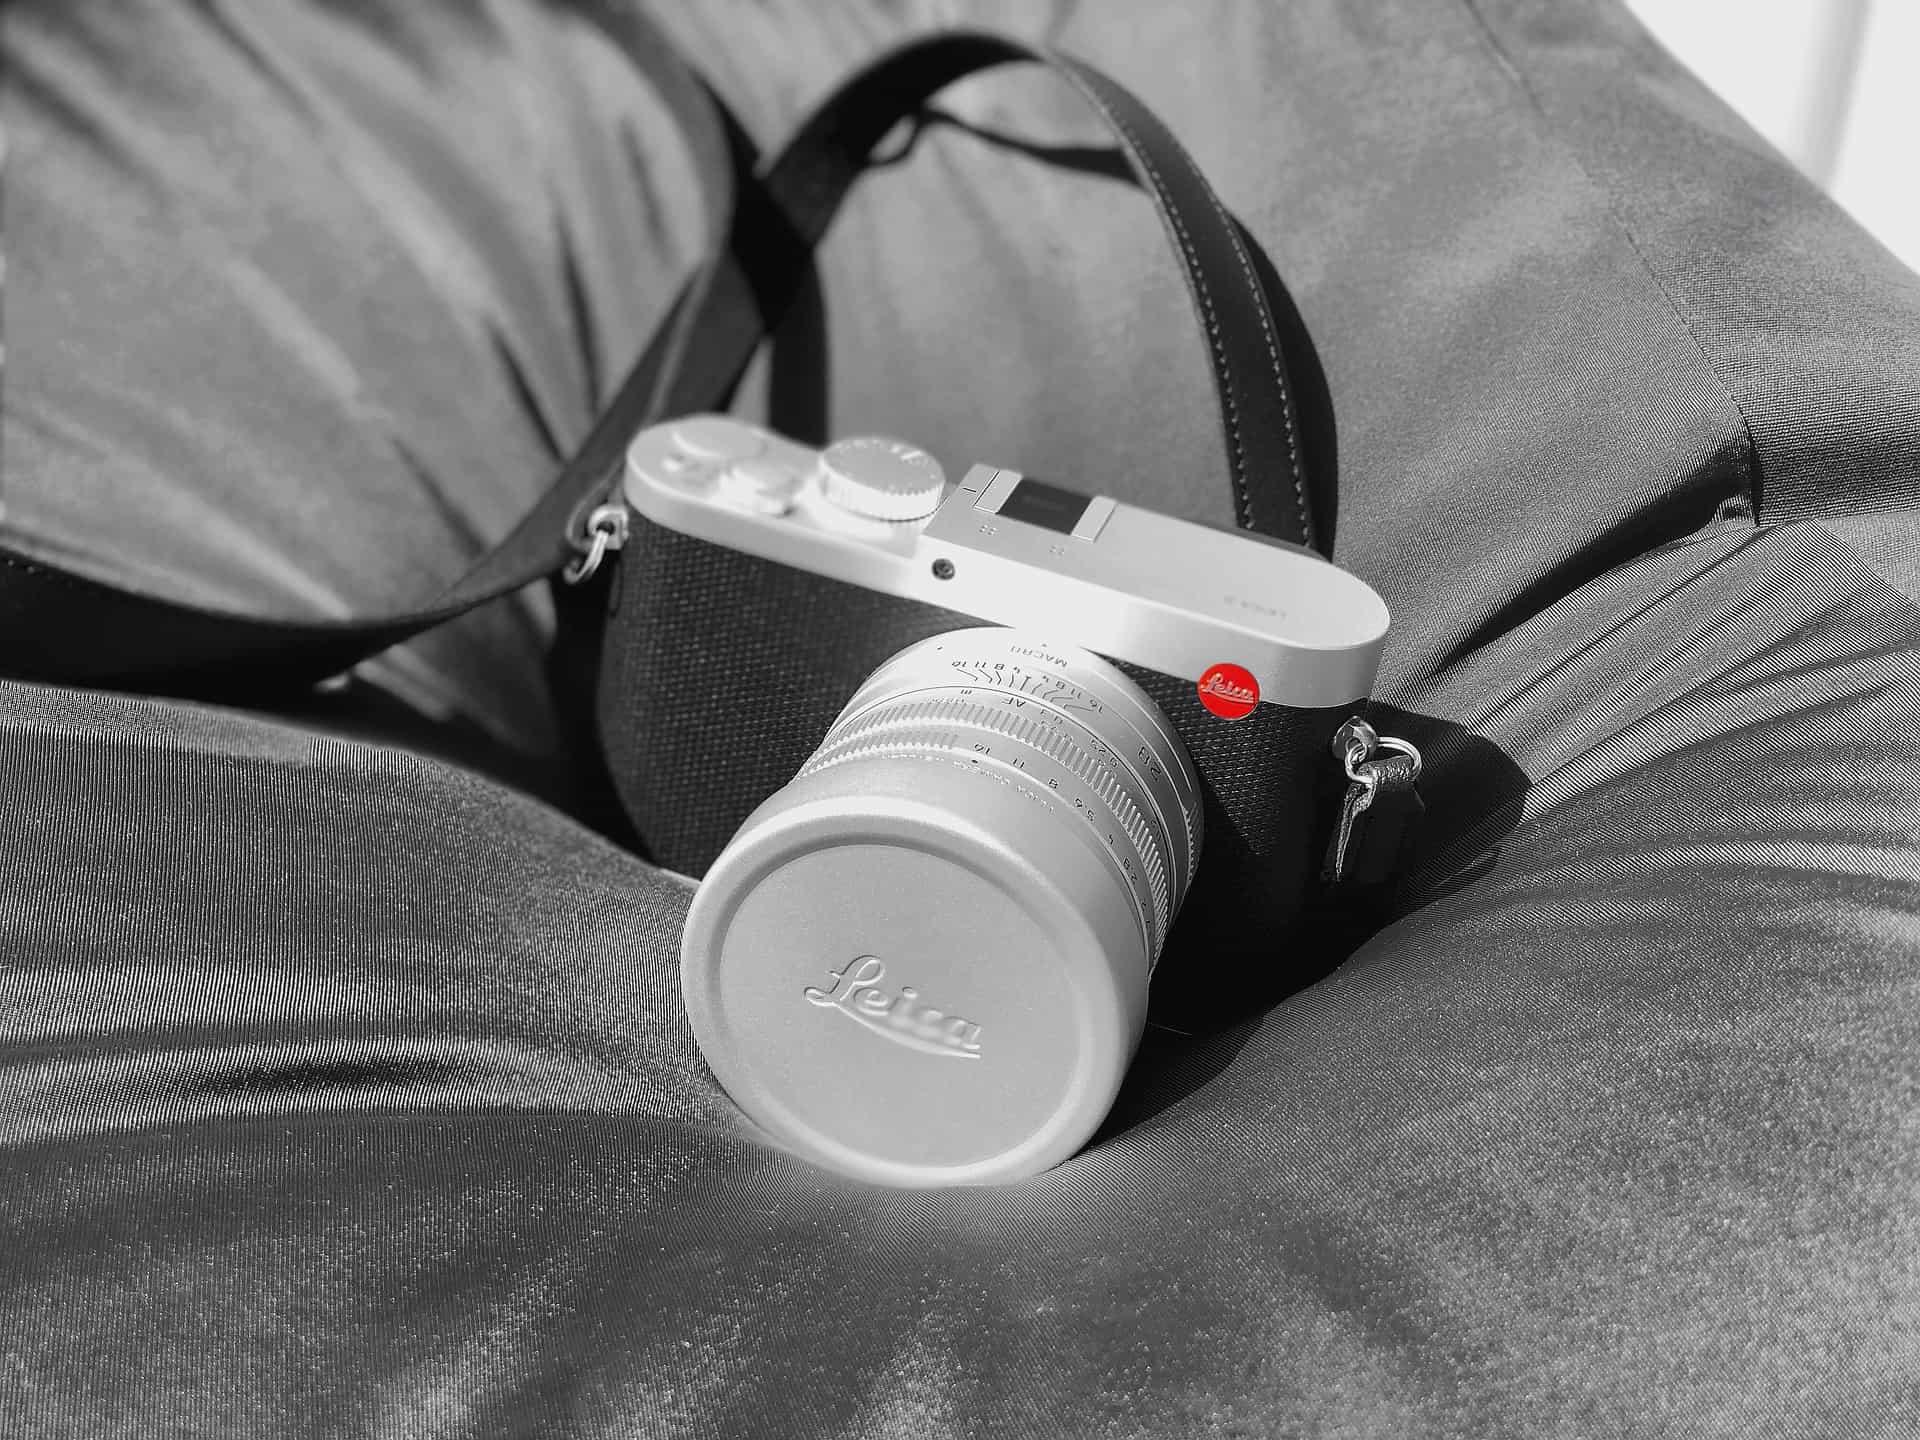 Leica Camera Test 2020: Die besten Leica Cameras im Vergleich